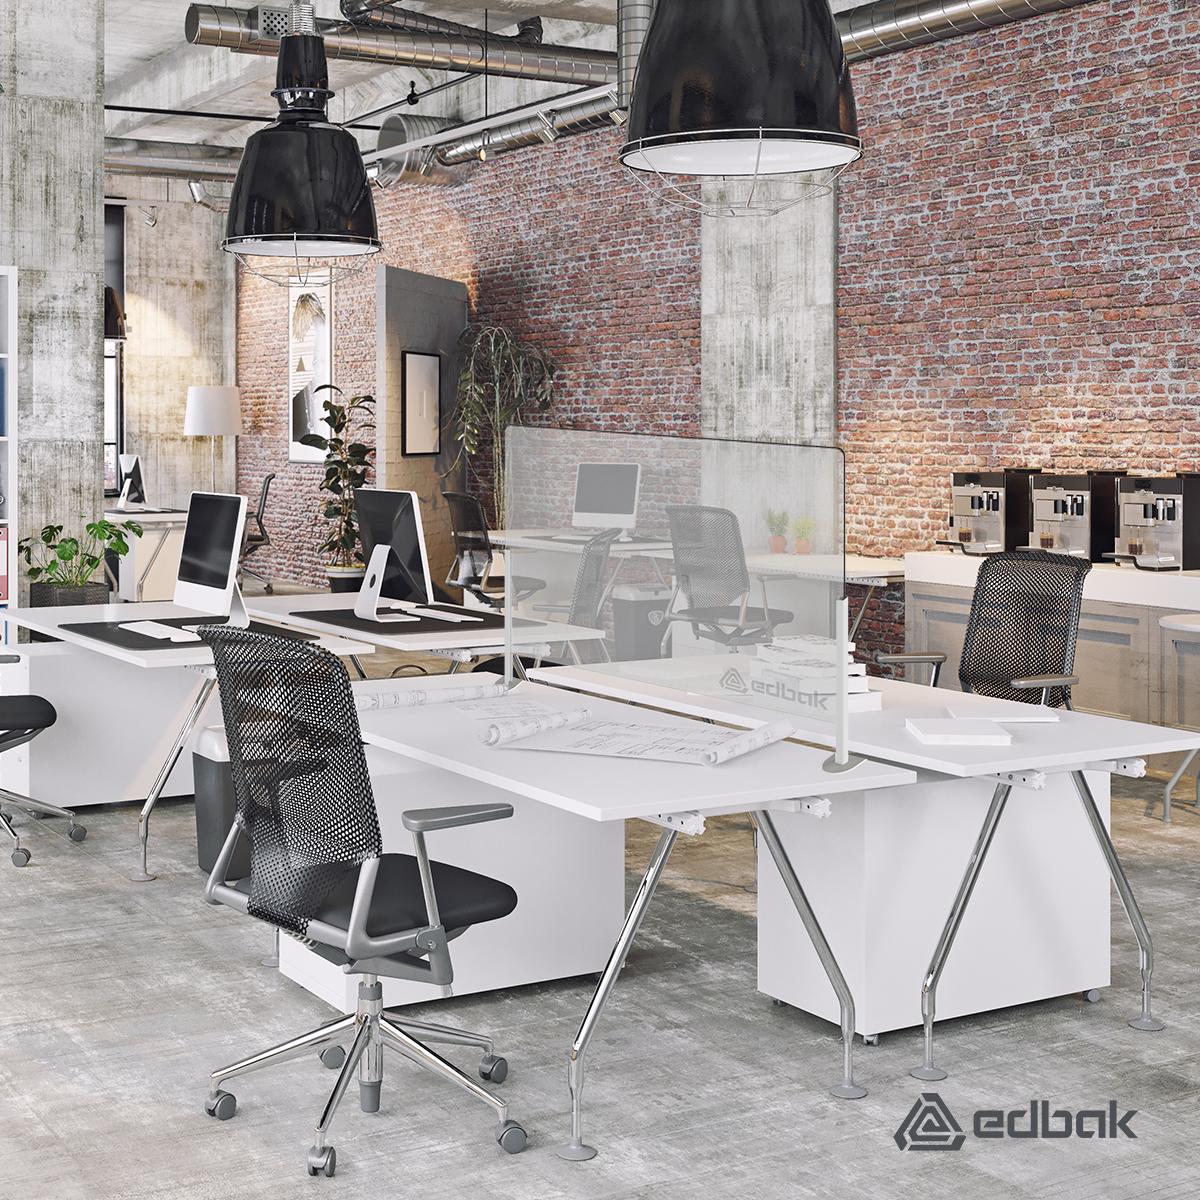 edbak_Office